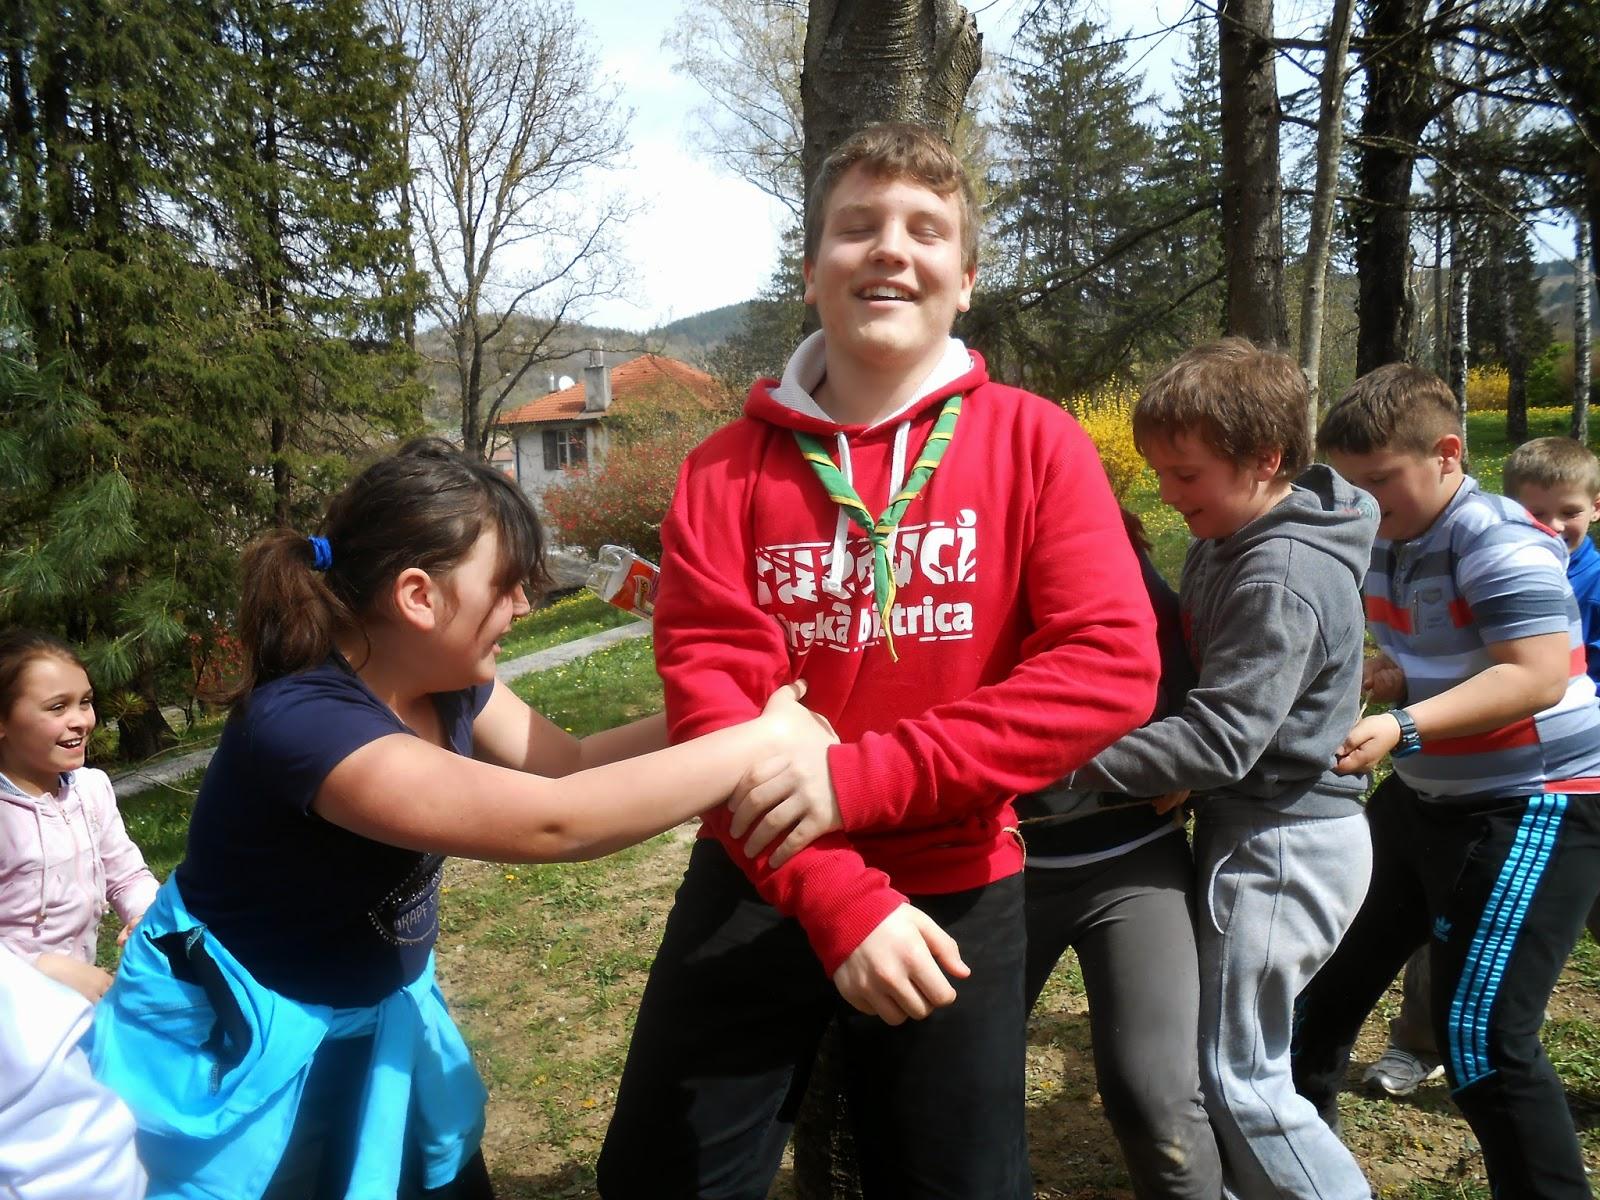 Športni dan 4. razred, 4. april 2014, Ilirska Bistrica - DSCN3411.JPG